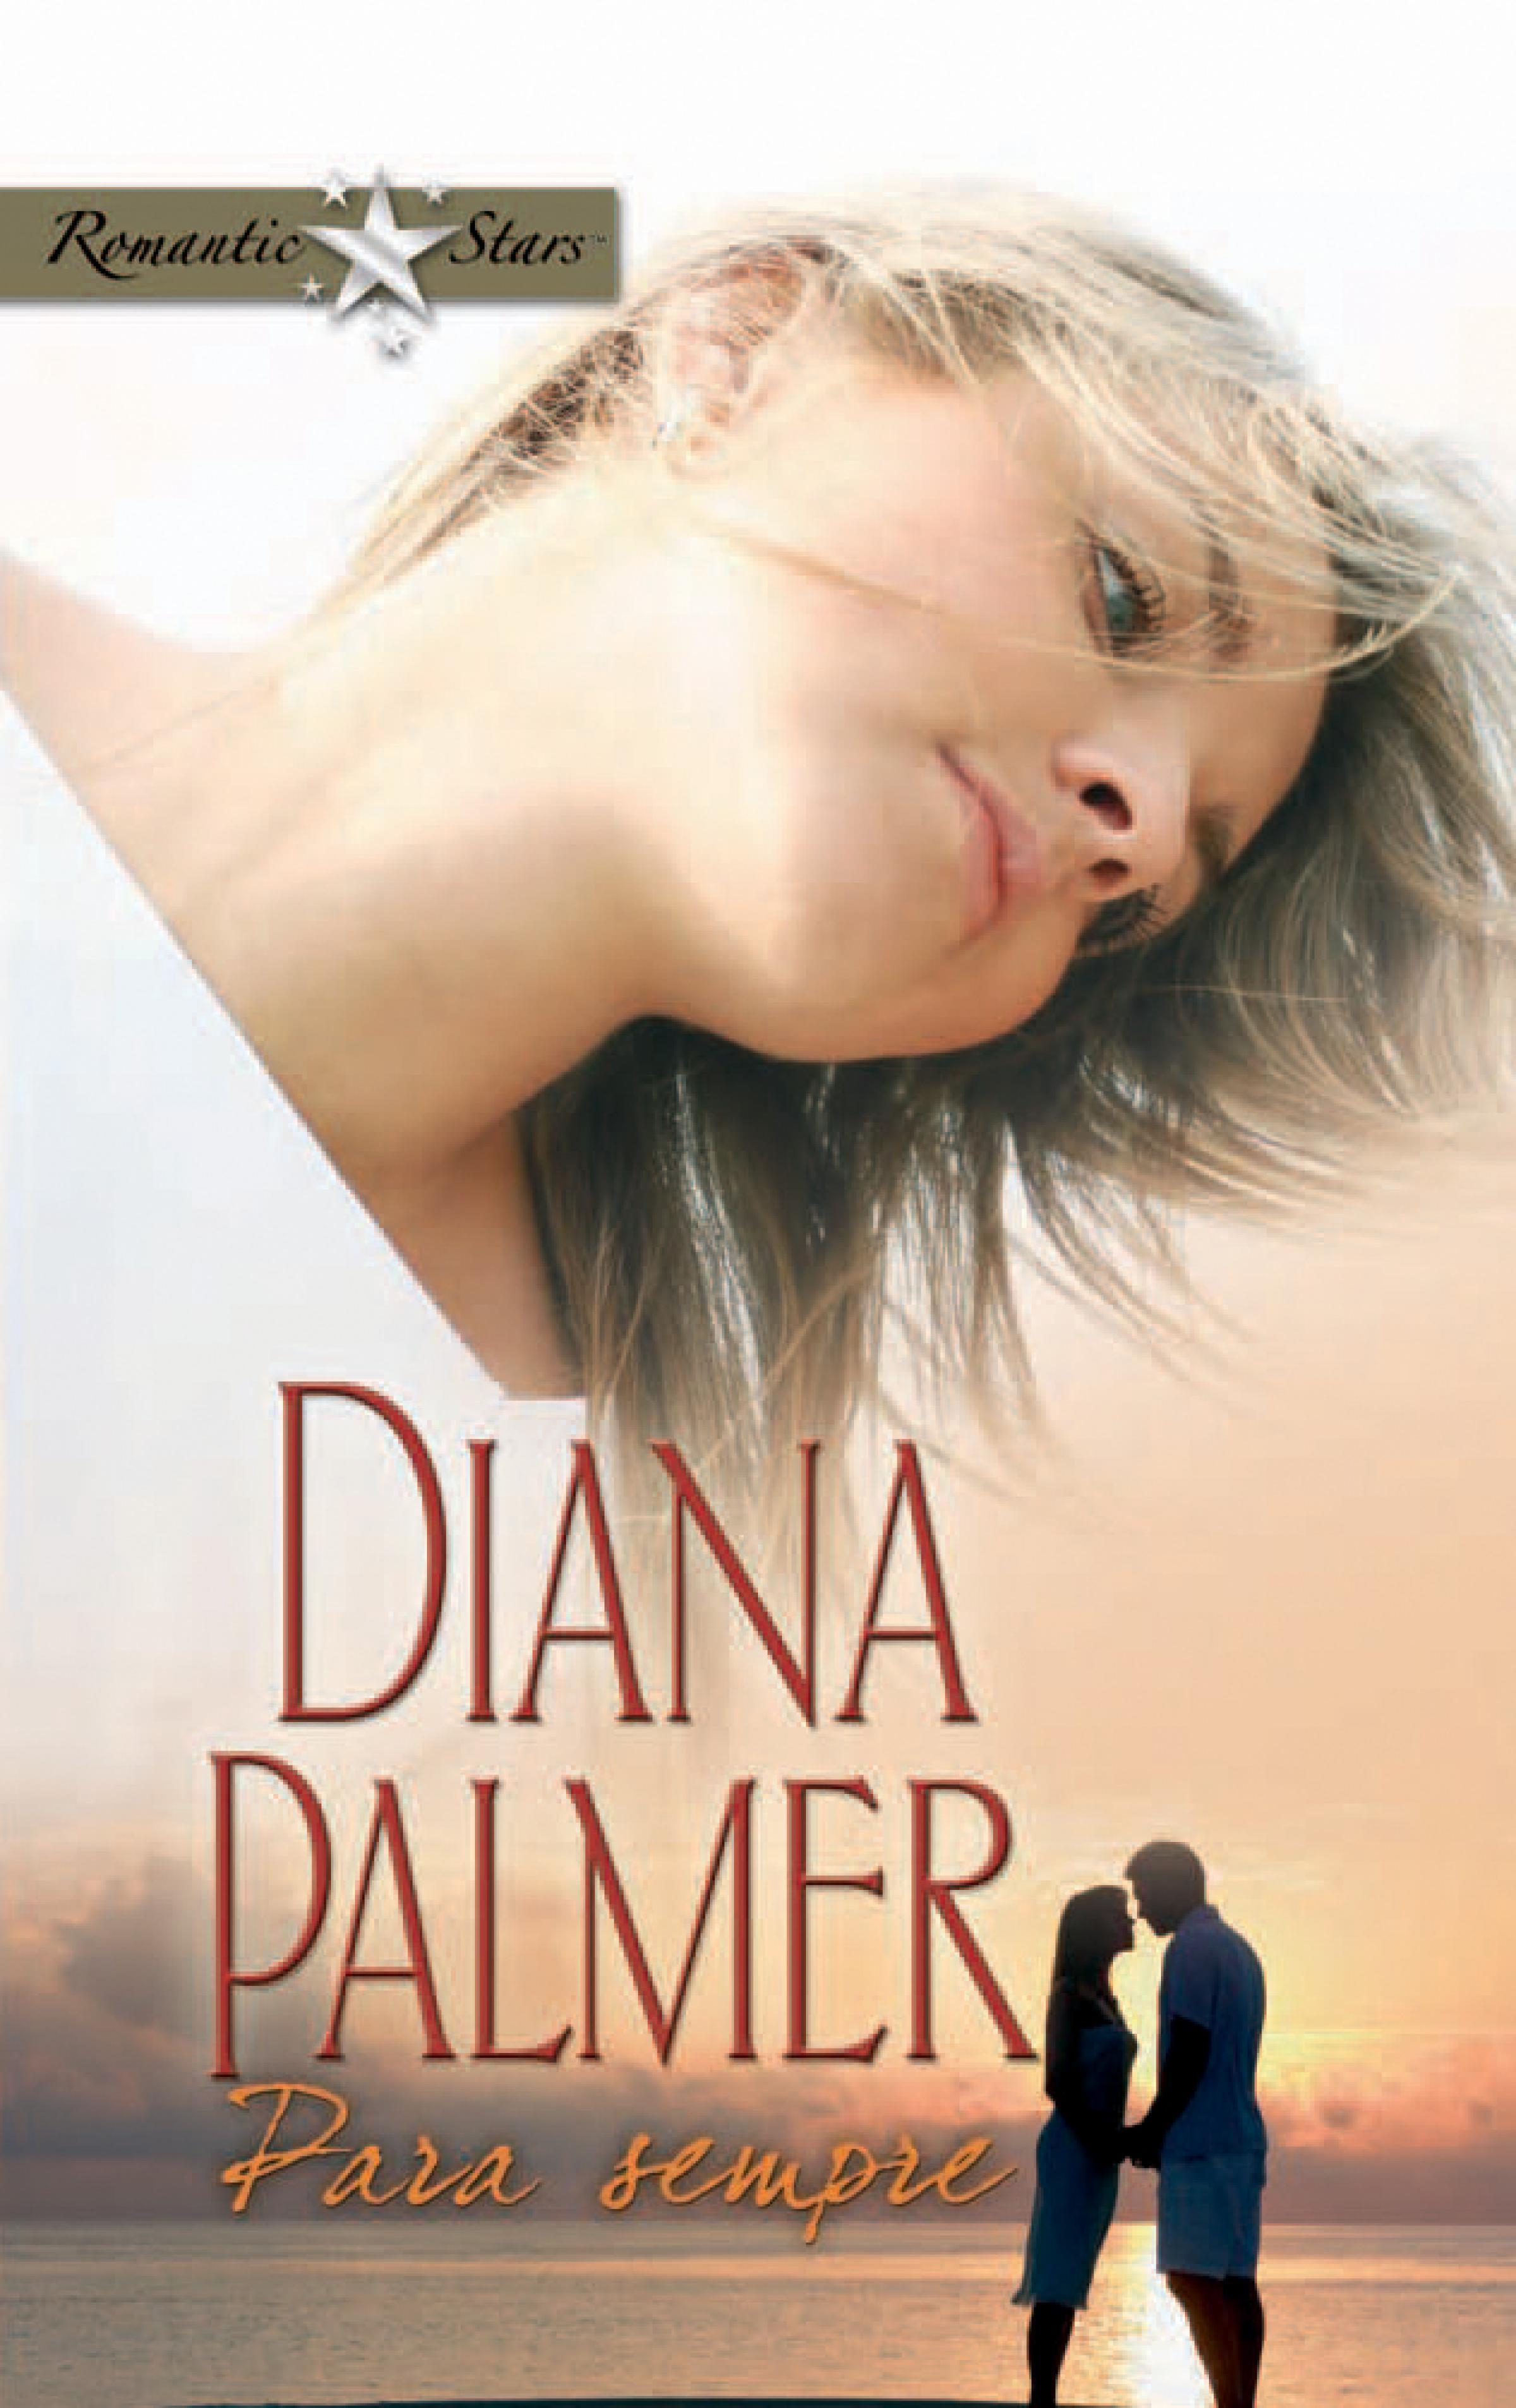 Diana Palmer Para sempre недорого